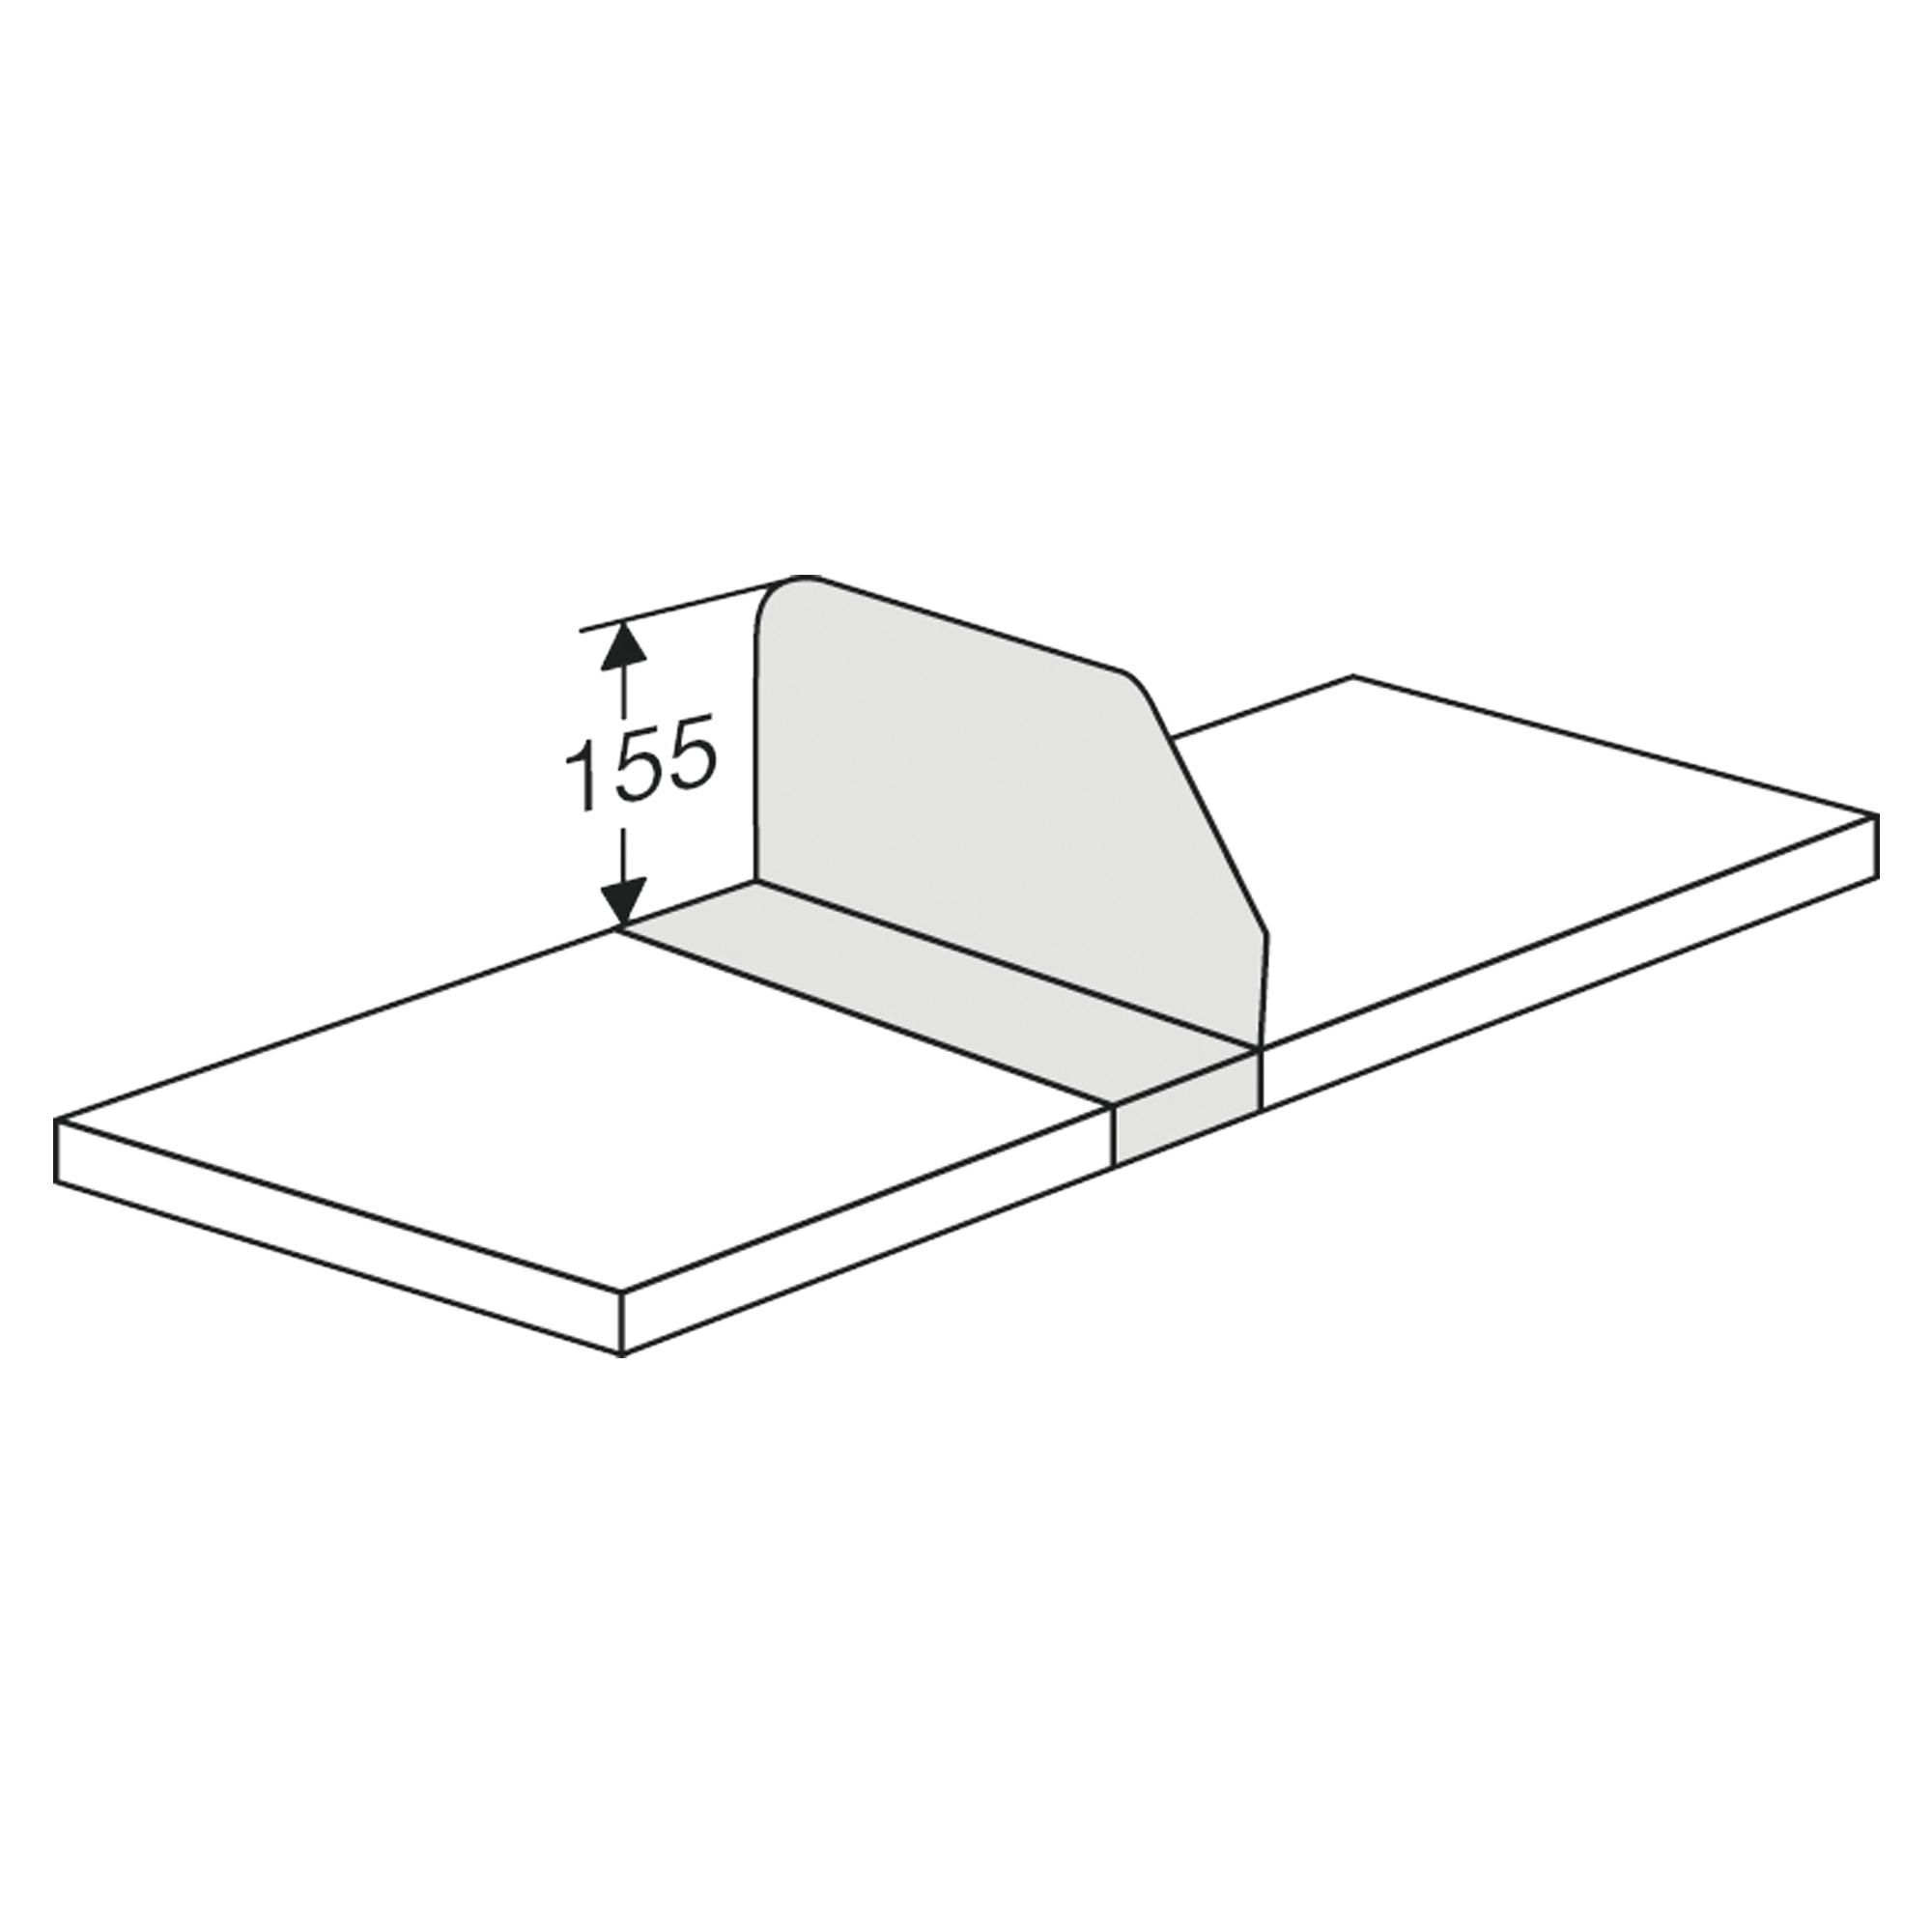 Fachteiler verschiebbar, 400 mm für Komplett-Regal